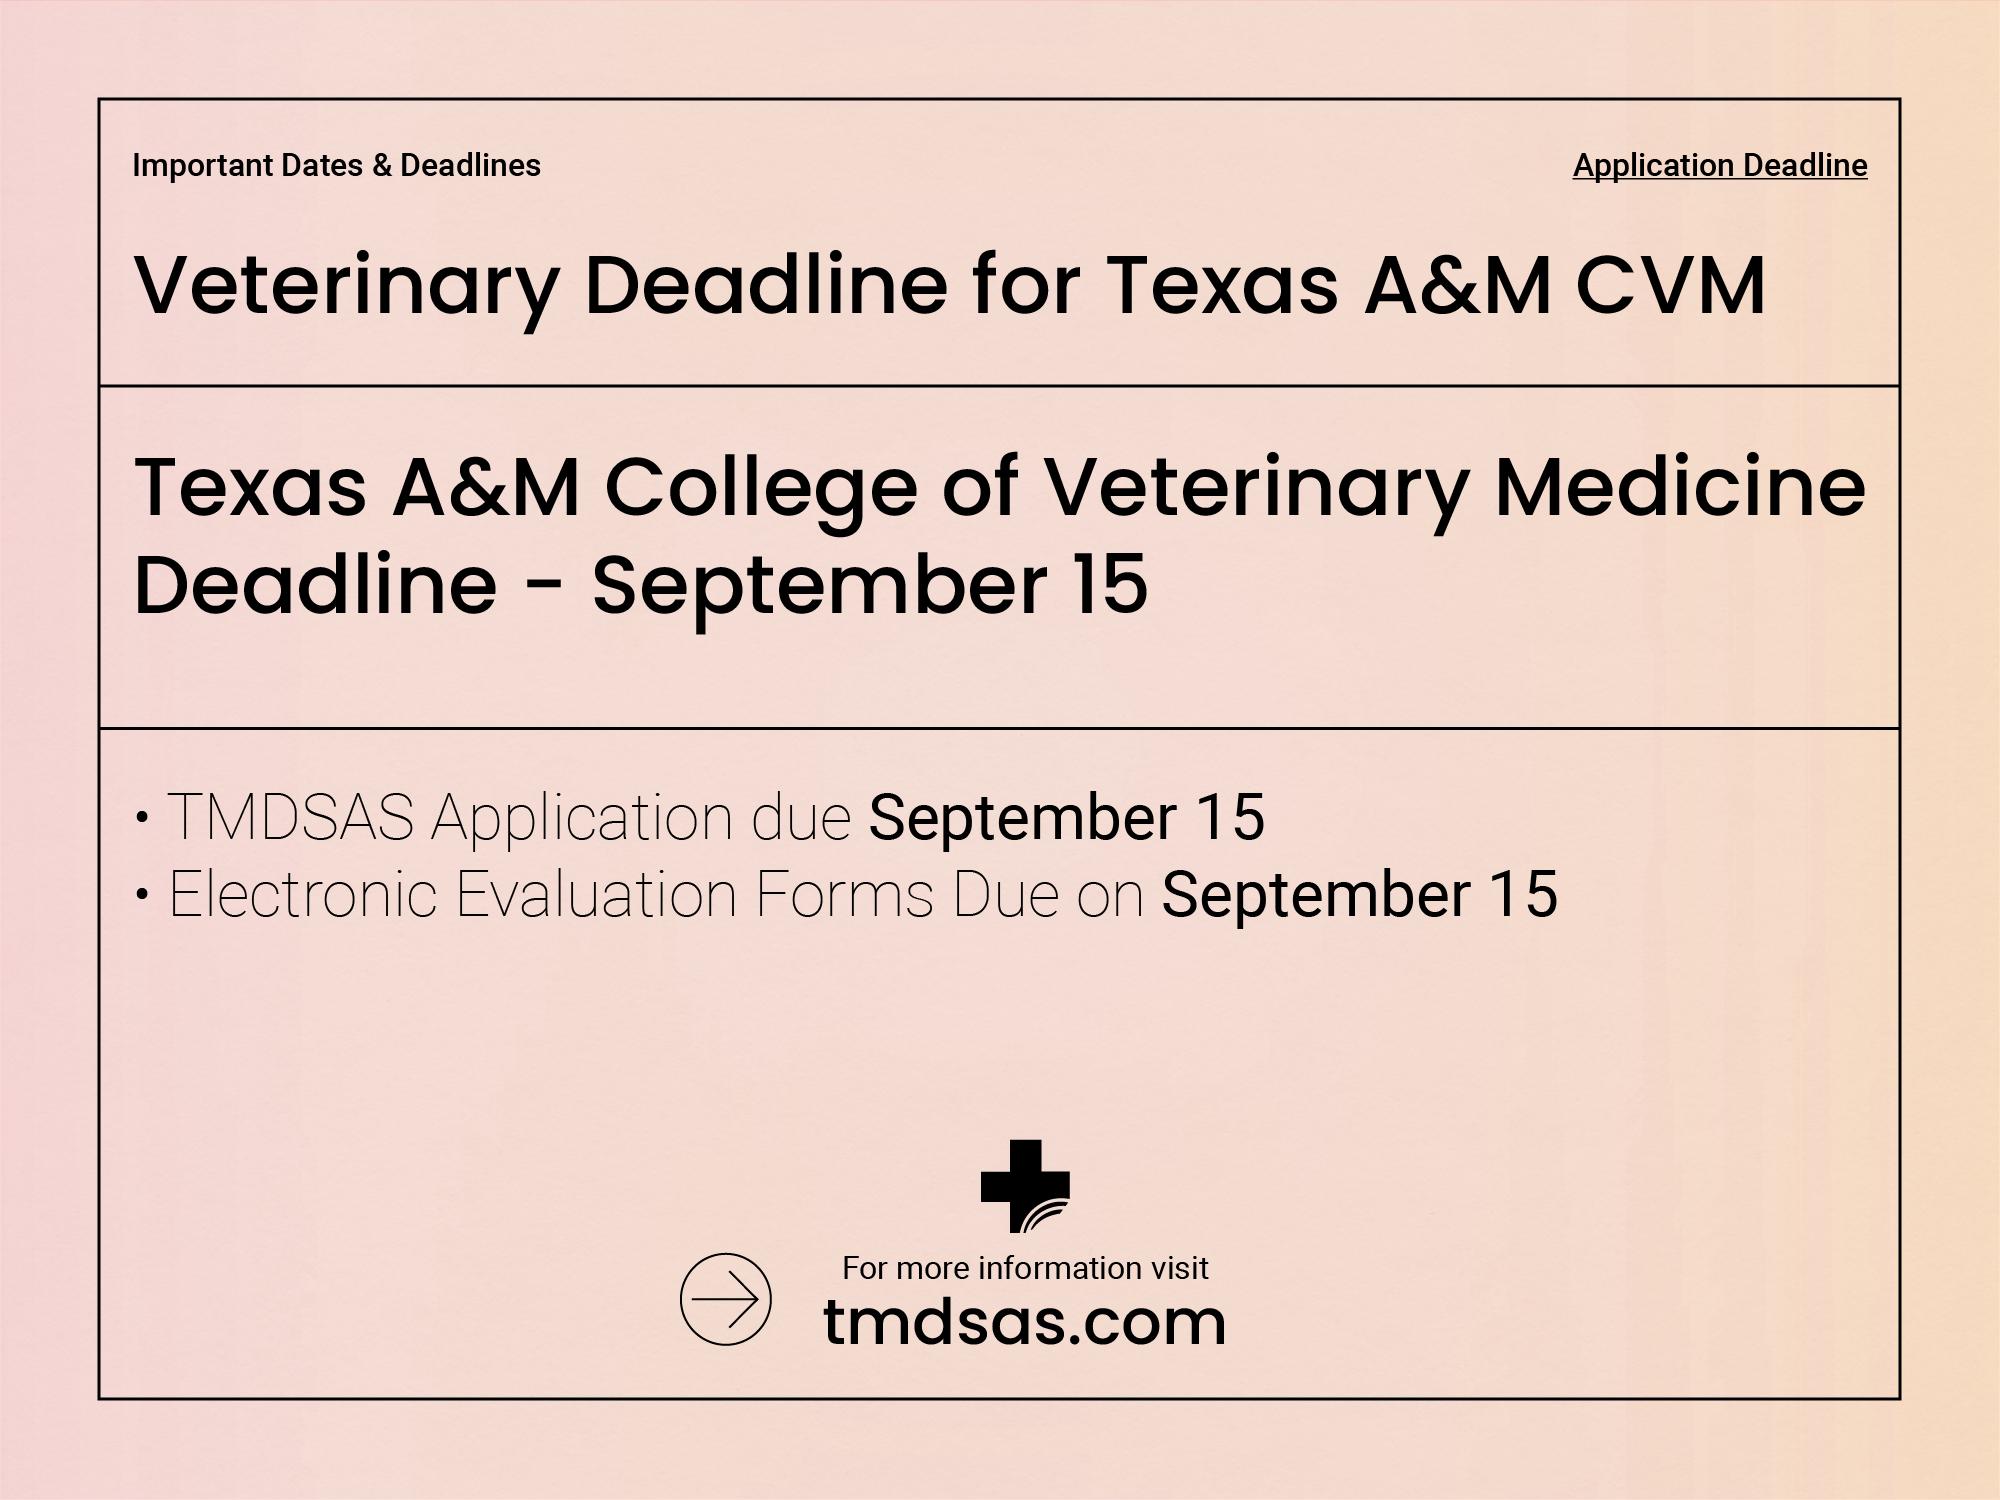 Veterinary Deadline September 15 for Texas A&M CVM